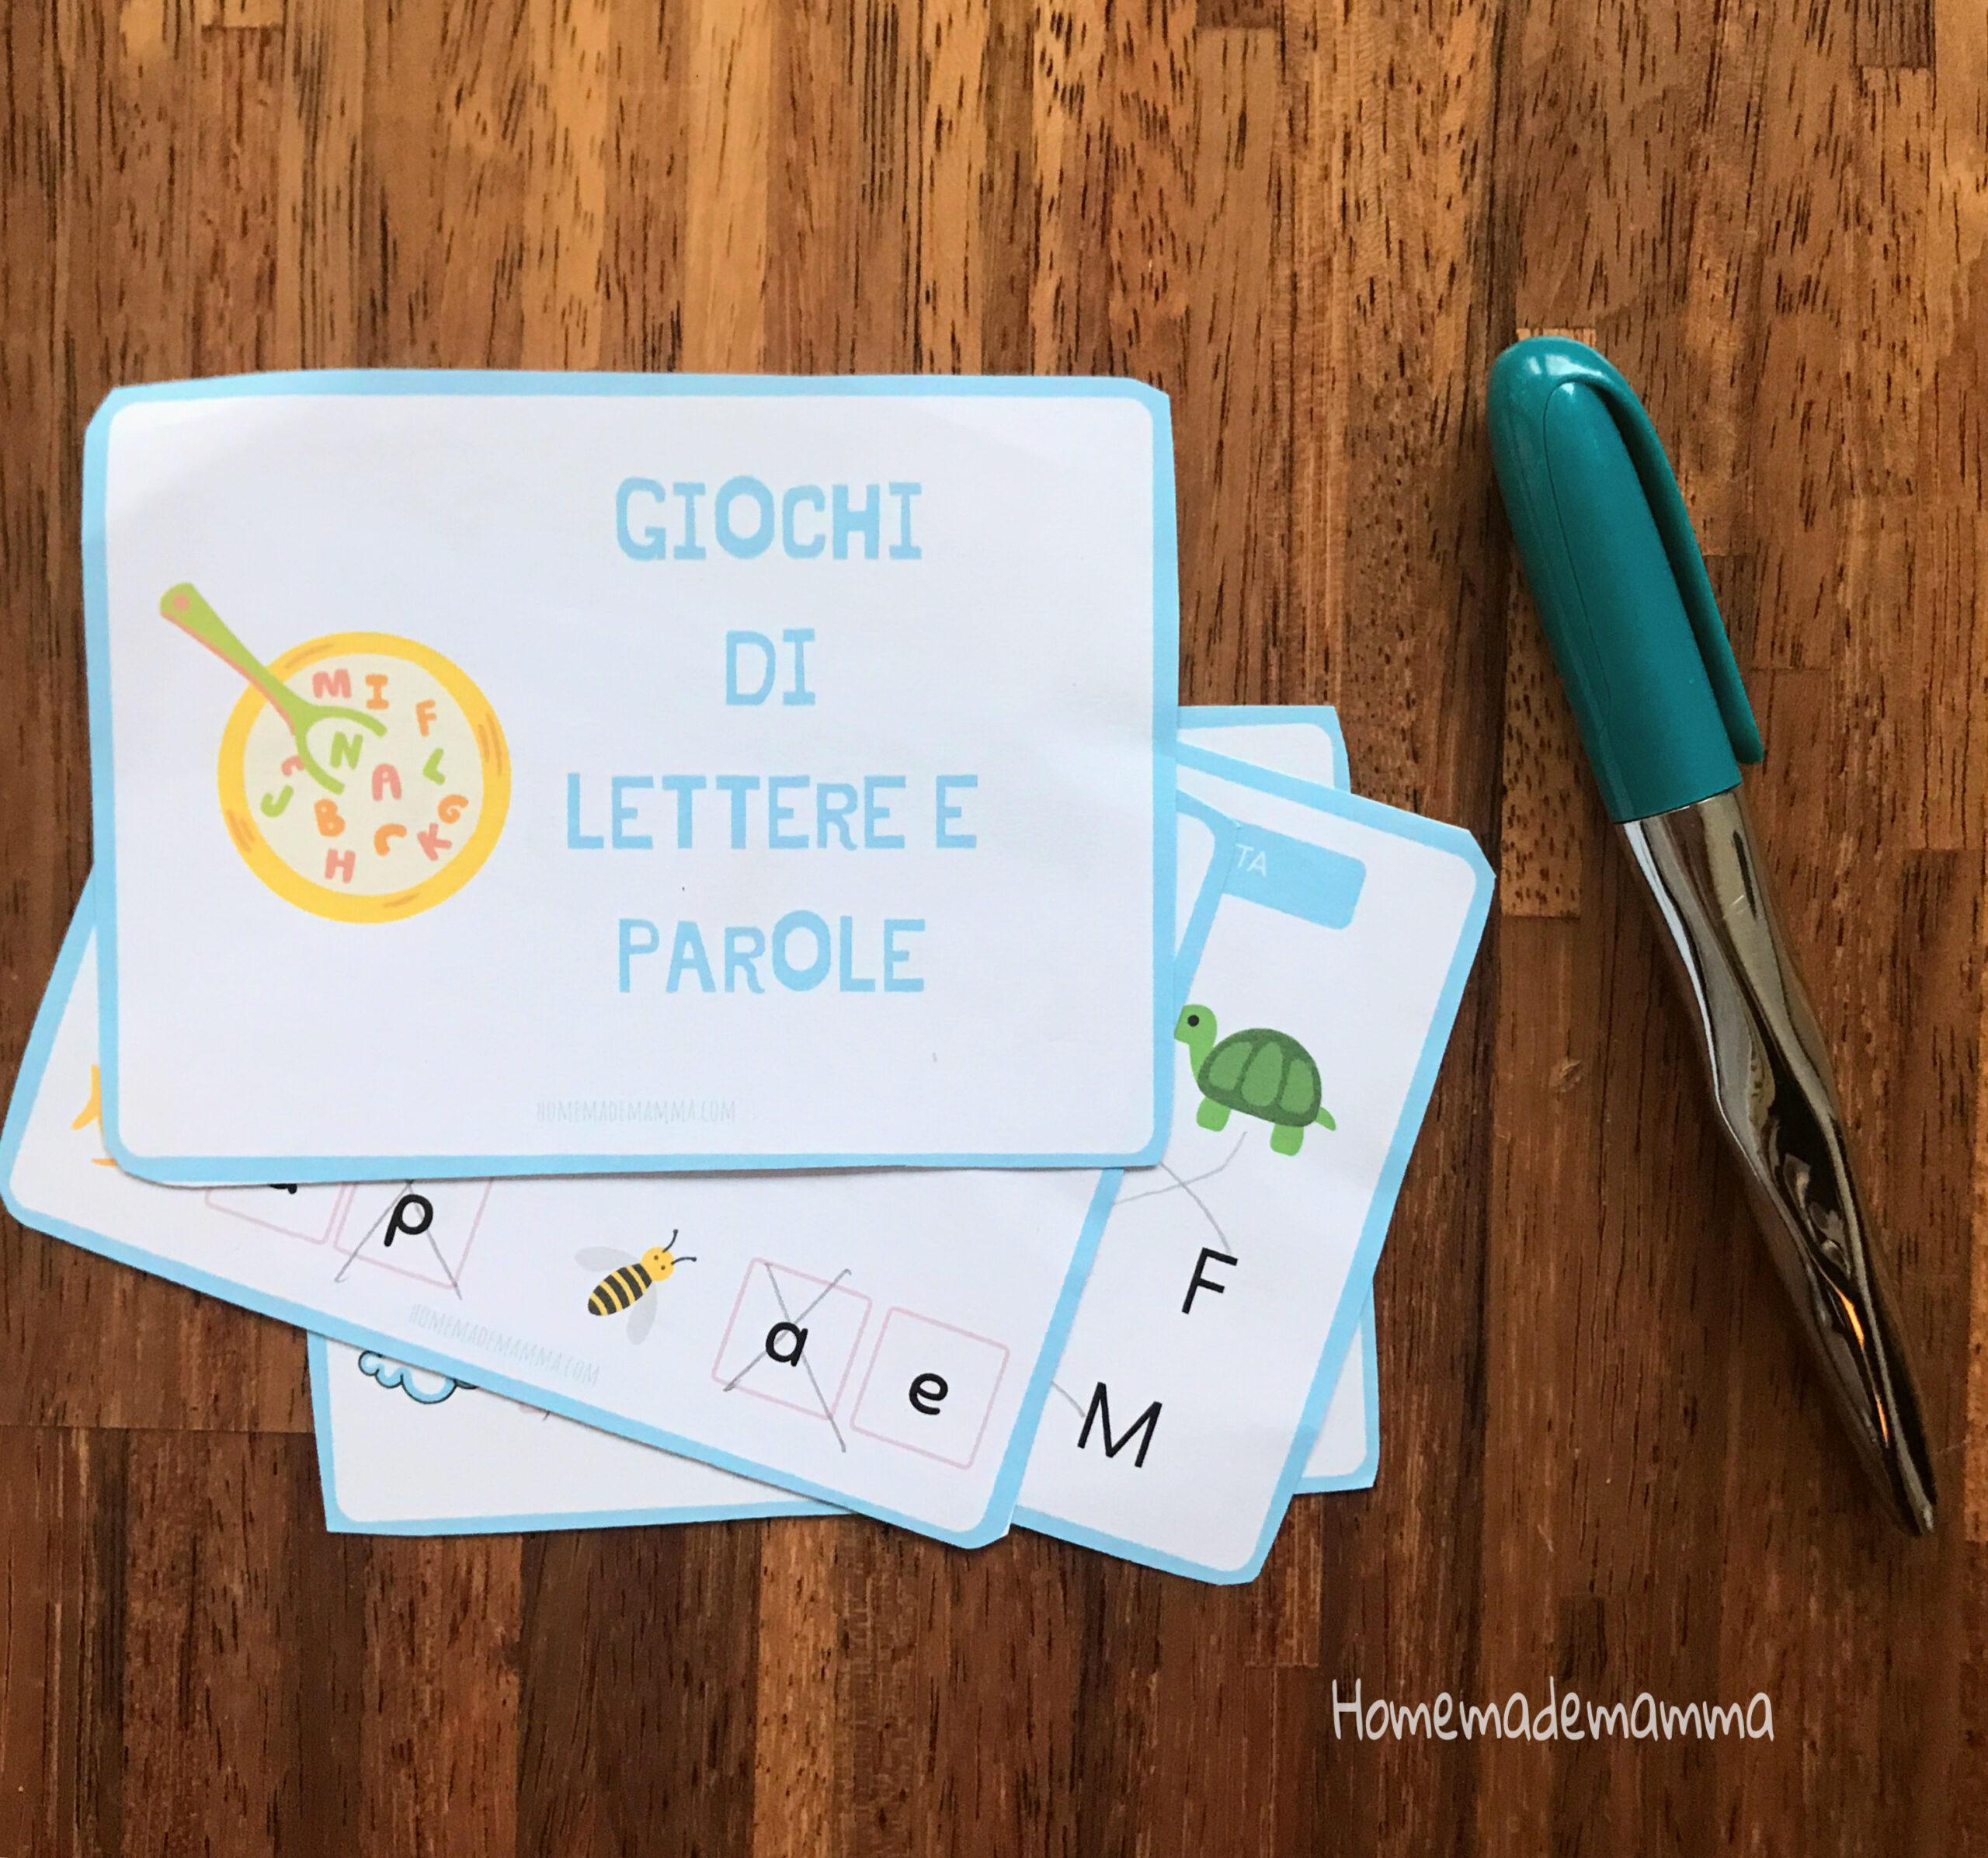 Schede sulle lettere da stampare Per imparare a scrivere e a leggere